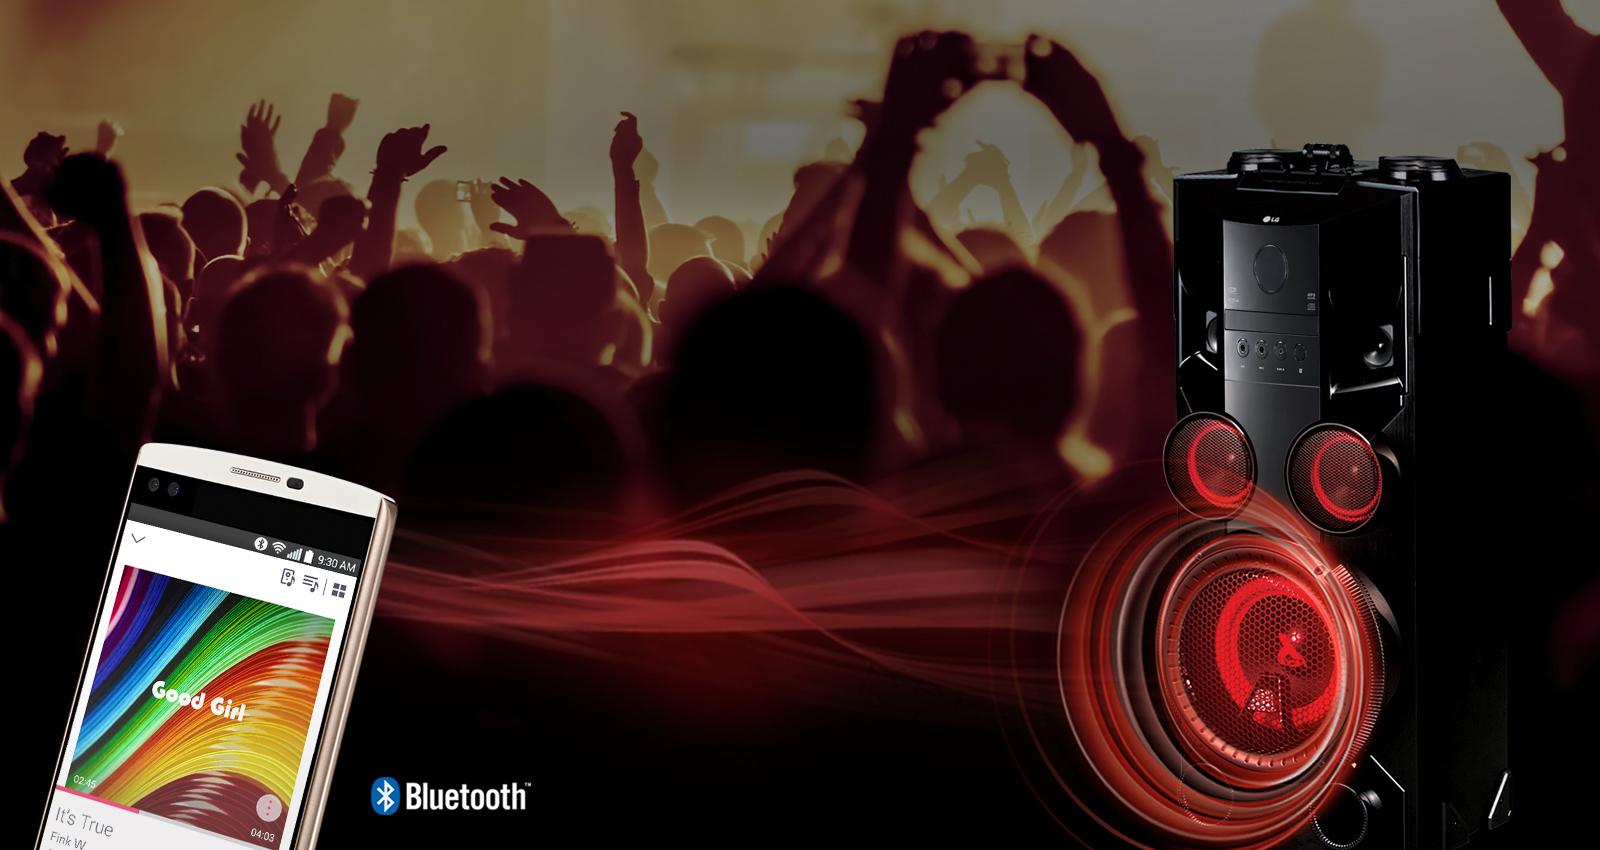 LG OM5560, Bluetooth